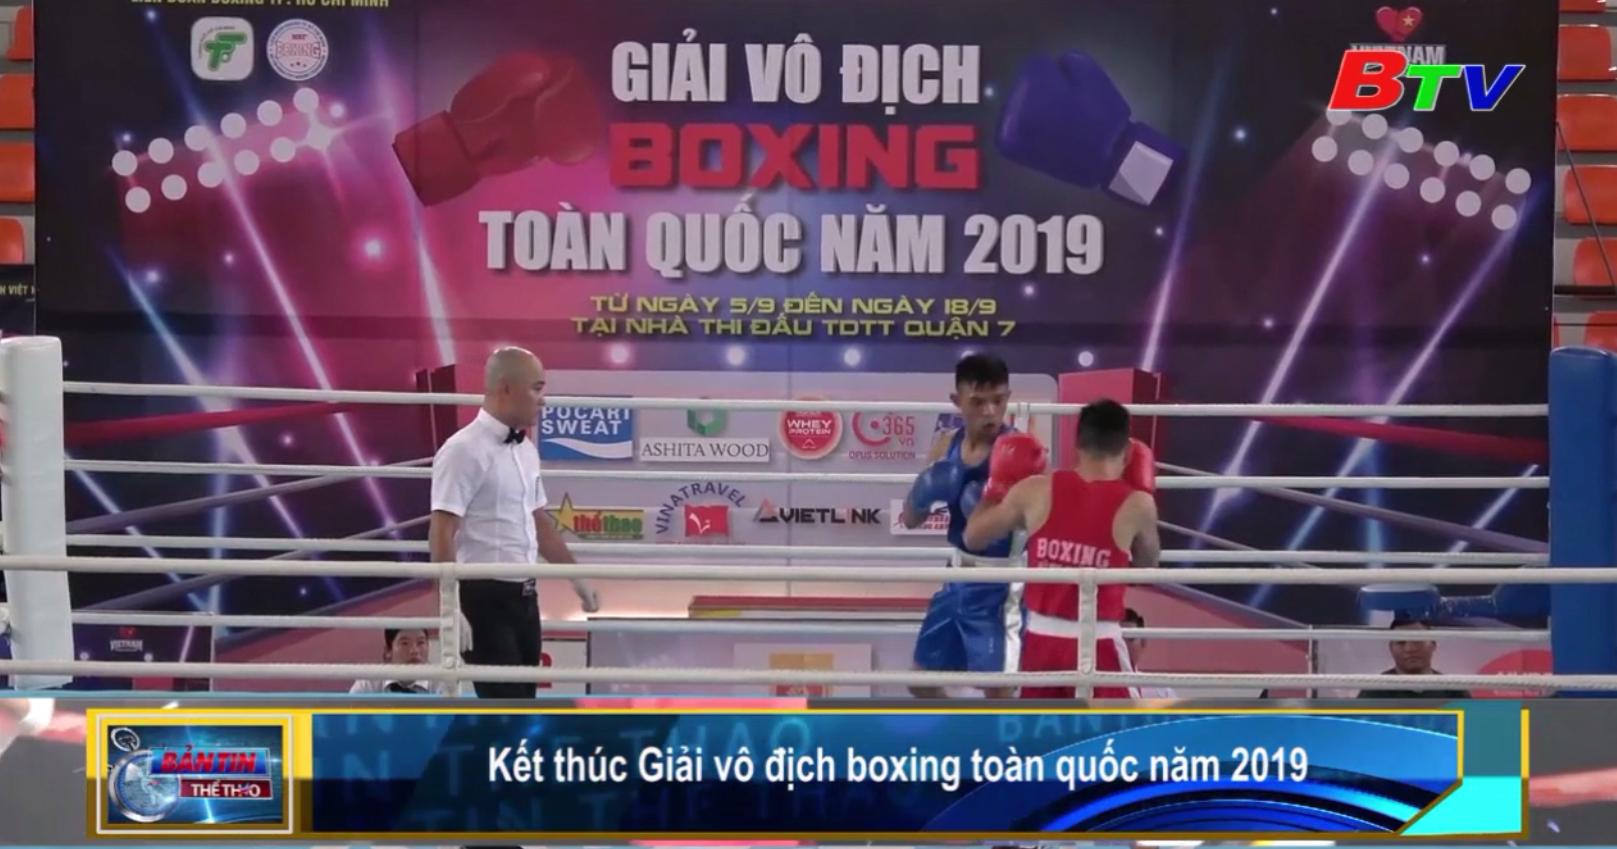 Kết thúc Giải vô địch boxing toàn quốc năm 2019